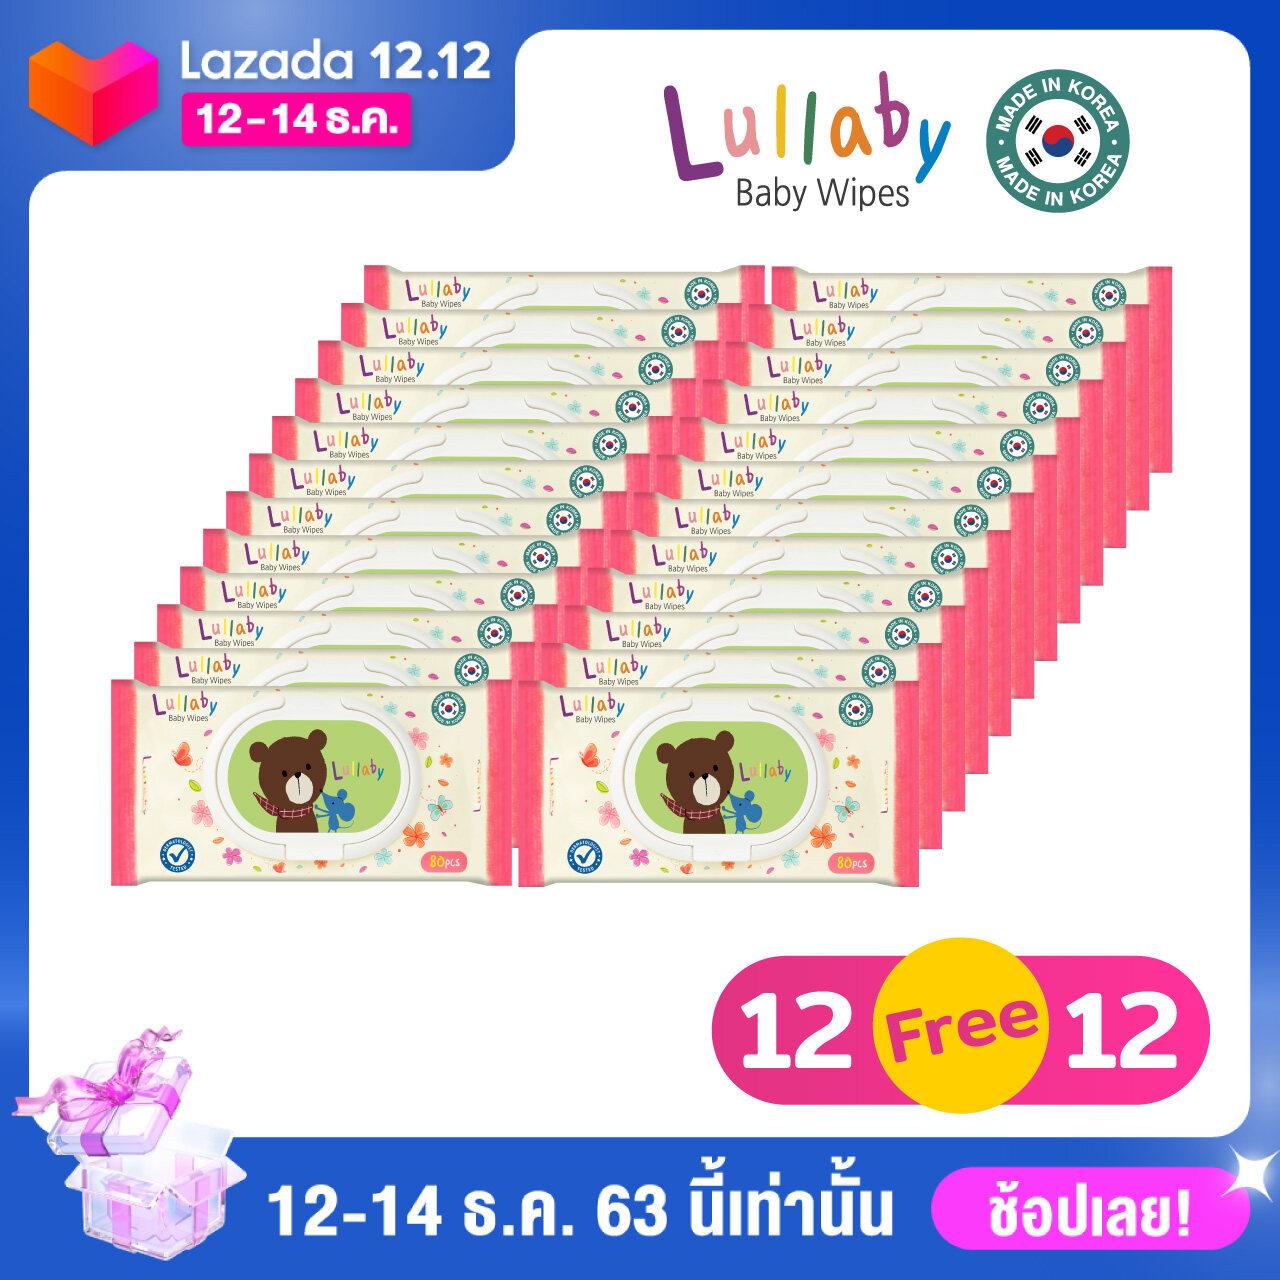 ราคา [ซื้อ 12 ฟรี 12 ] Lullaby baby wipes ทิชชู่เปียกลัลลาบาย (80แผ่น) สูตรน้ำแร่จากฝรั่งเศส